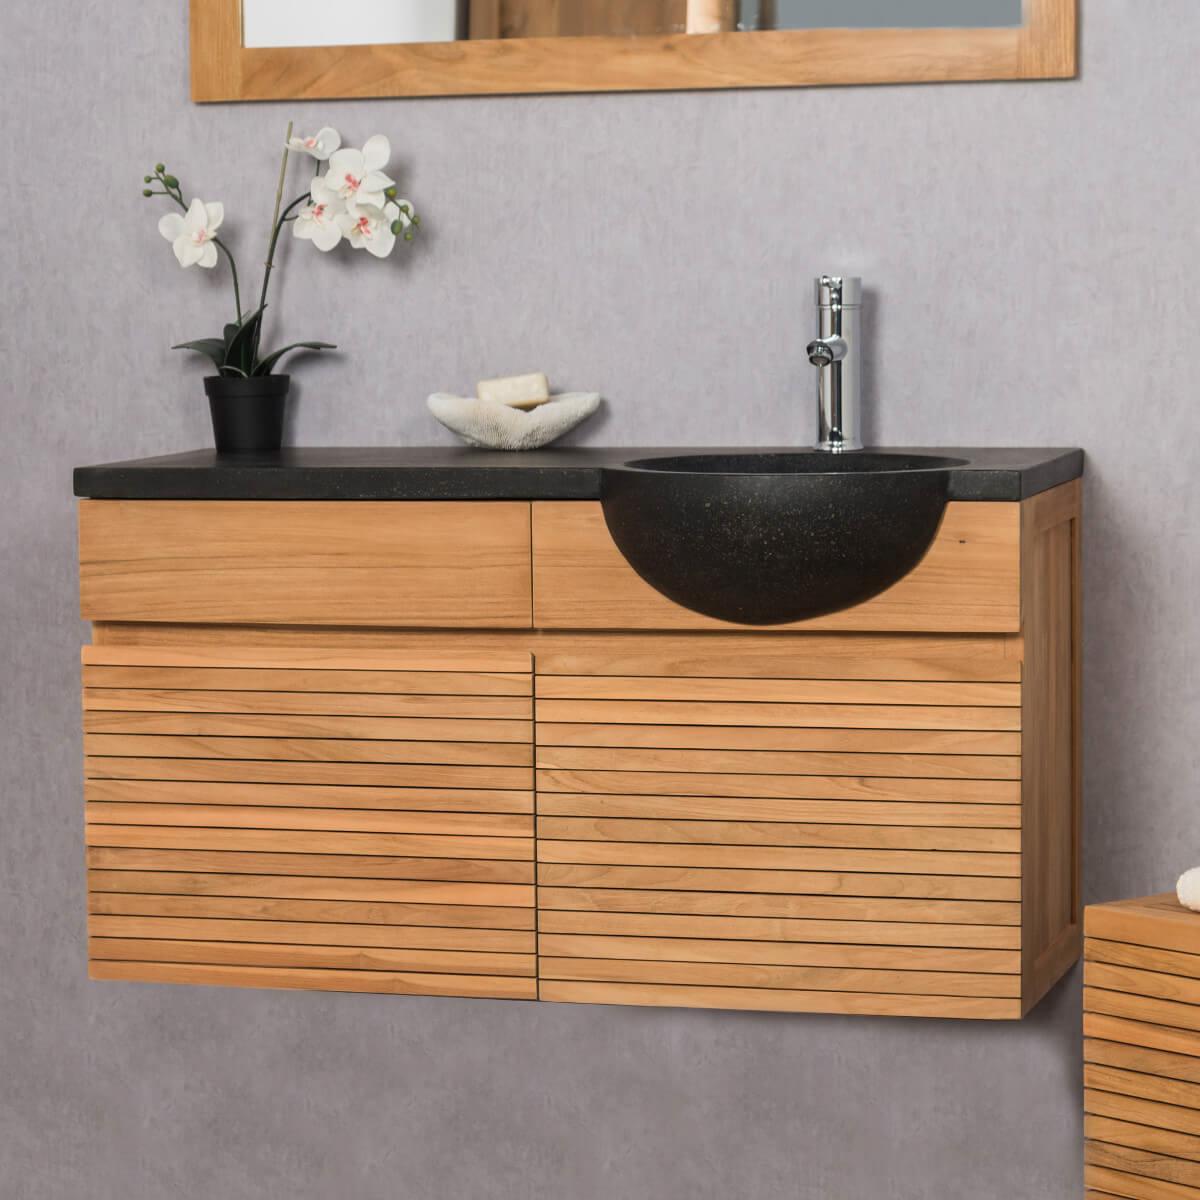 Salle de bain bois et pierre - Meuble vasque bois massif ...